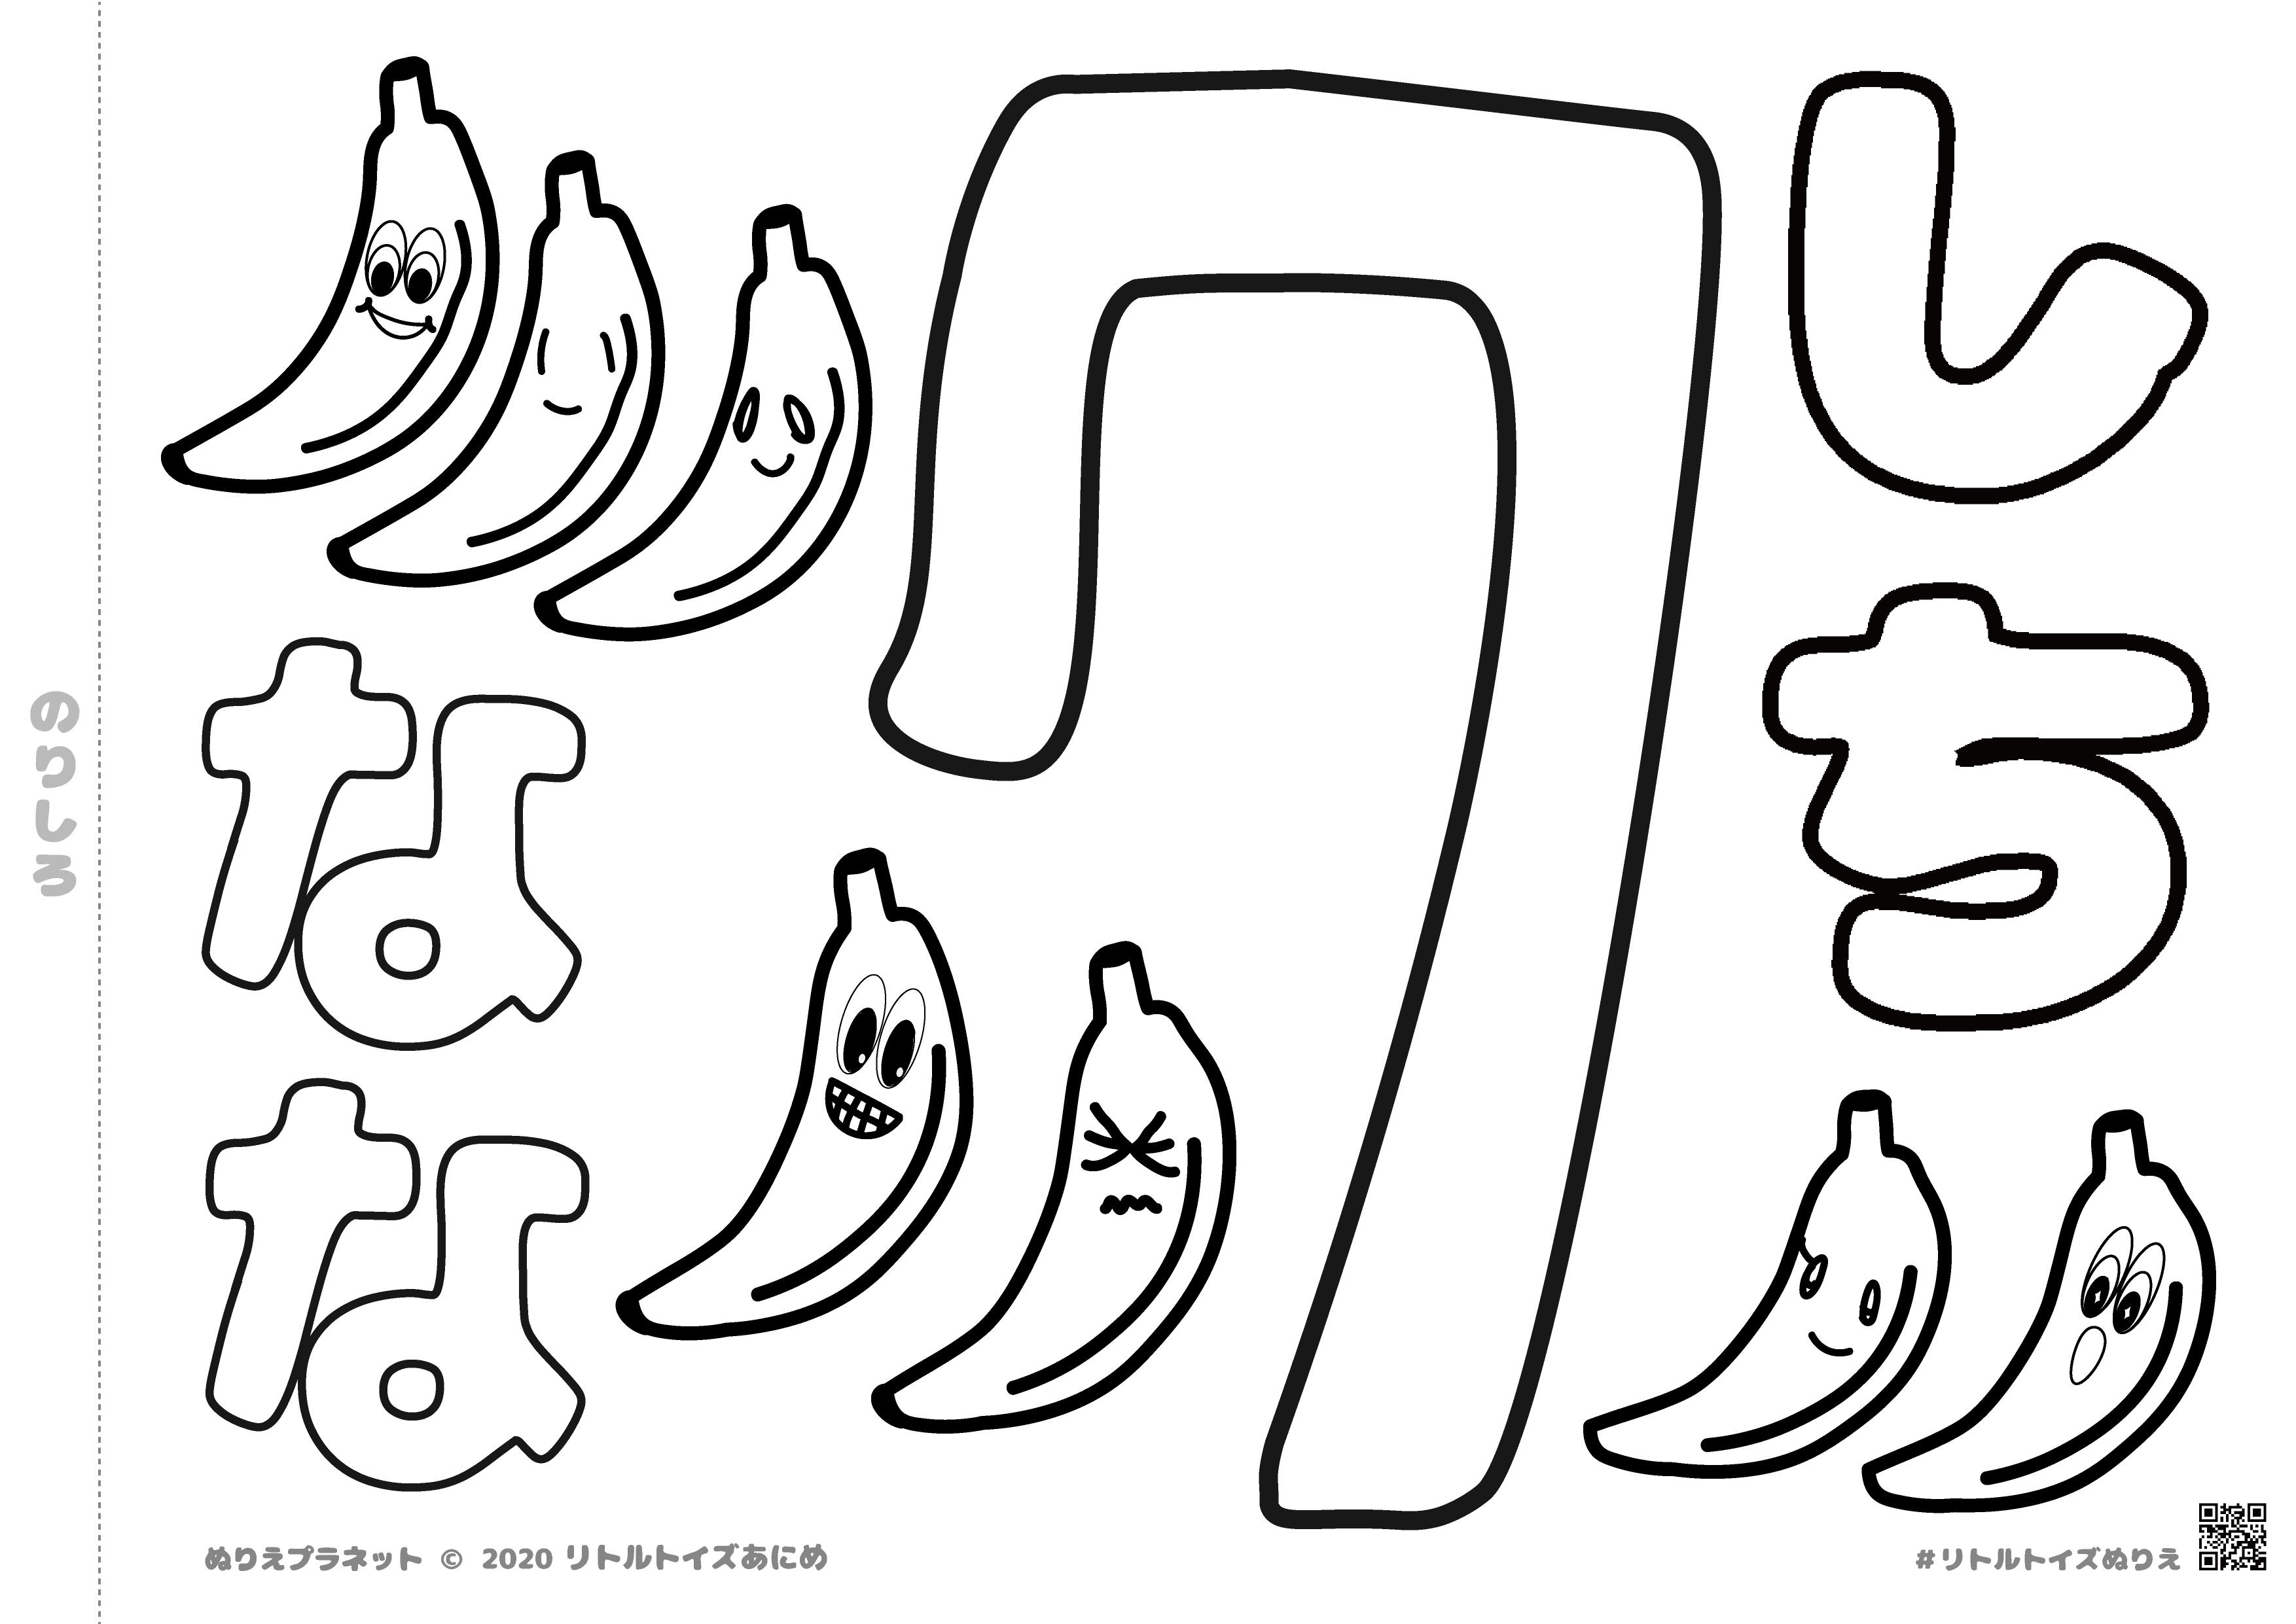 バナナが7本のぬりえです。